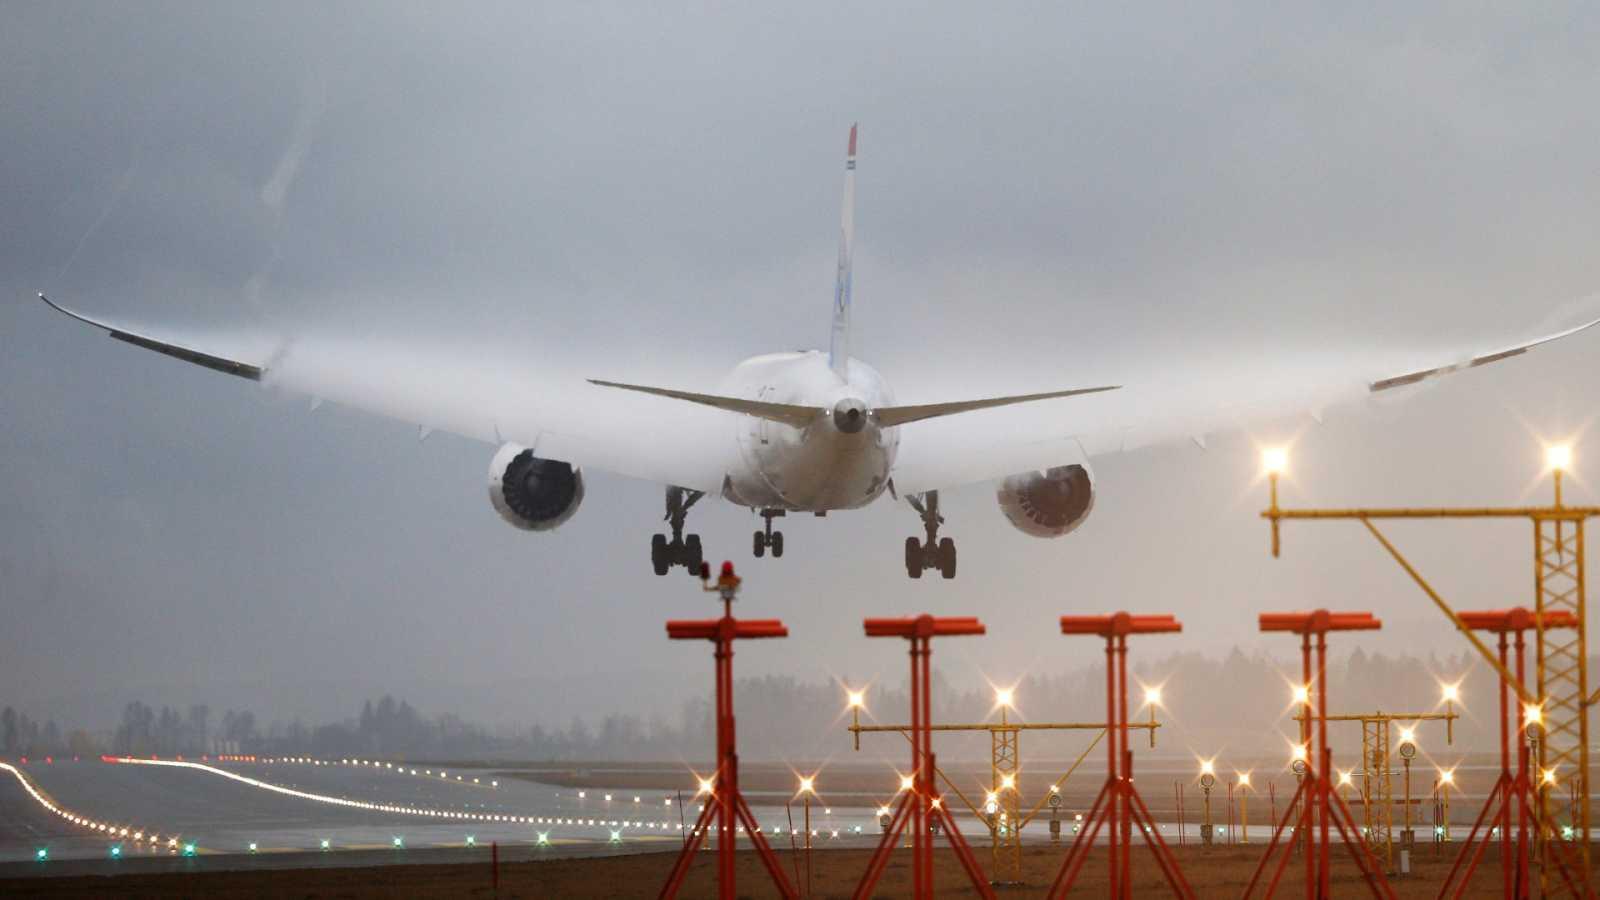 La reducción del tráfico aéreo por la pandemia lastra los resultados de IAG que pierde 6.900 millones